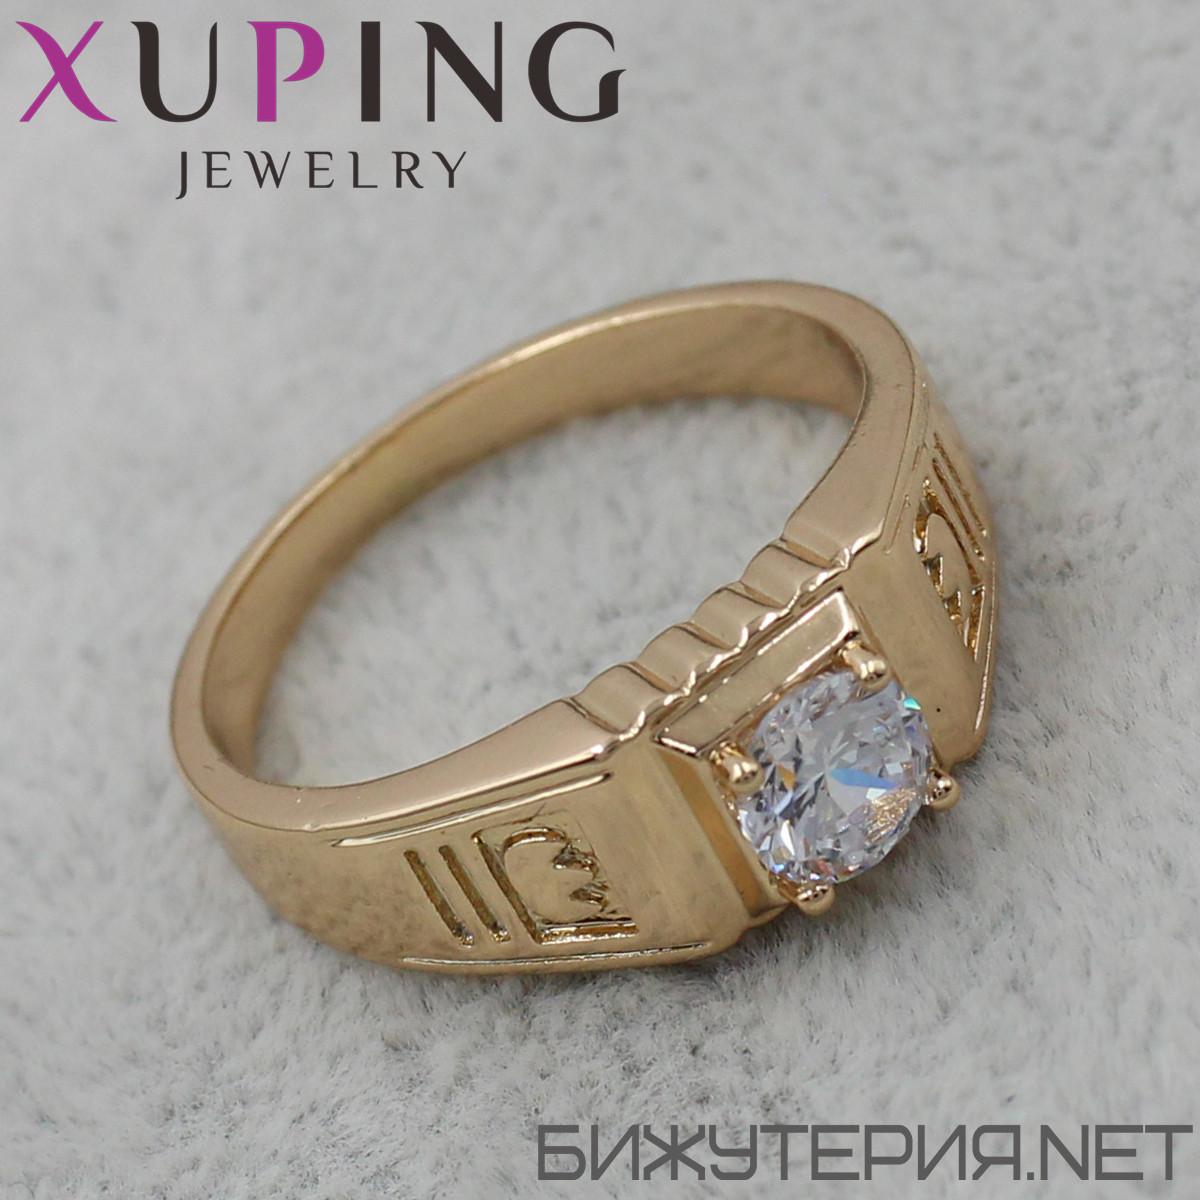 Перстень Xuping медицинское золото 18K Gold - 1025750022 21